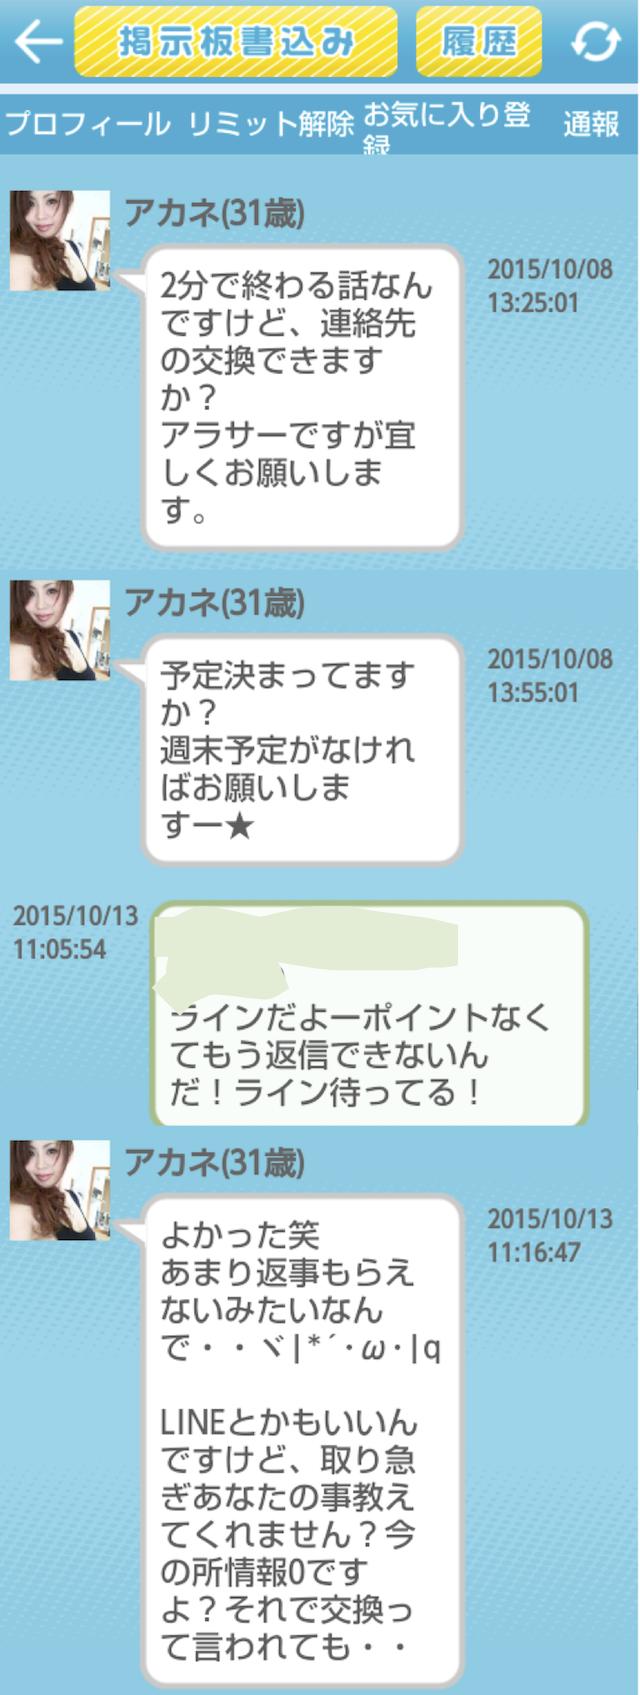 マイフレ_アプリ7